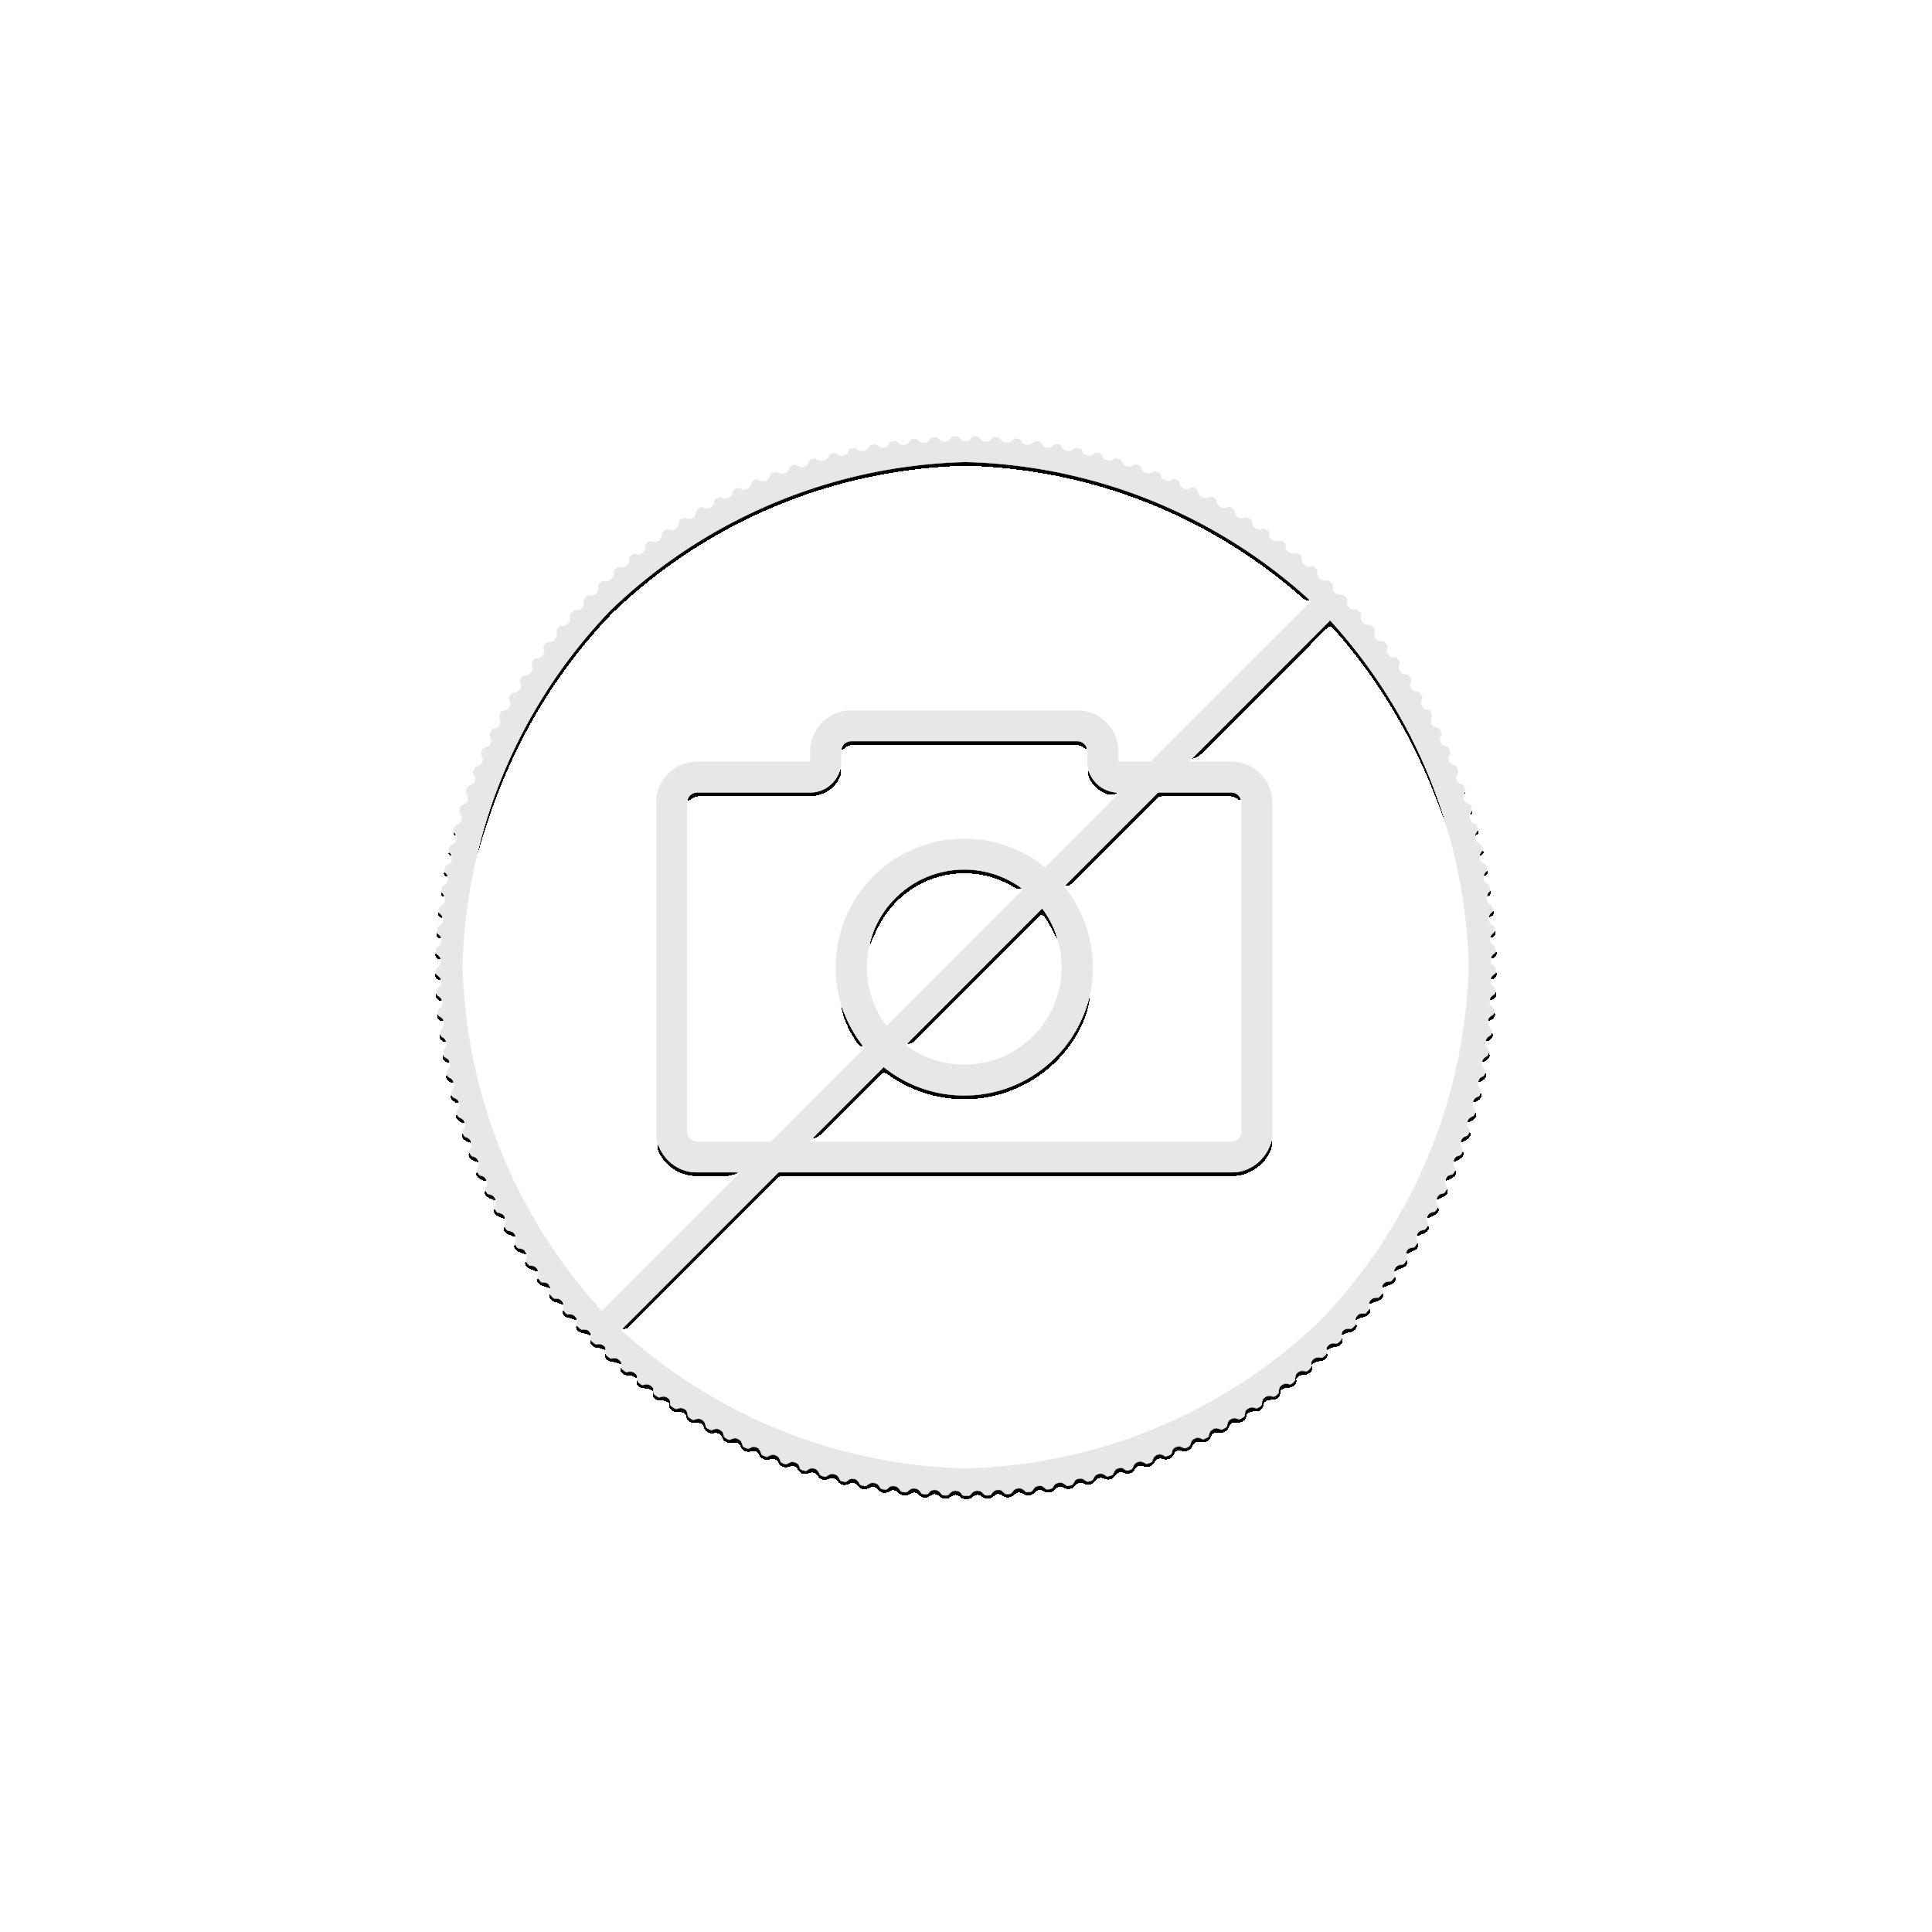 1/20 Troy ounce gold coin Lunar 2021